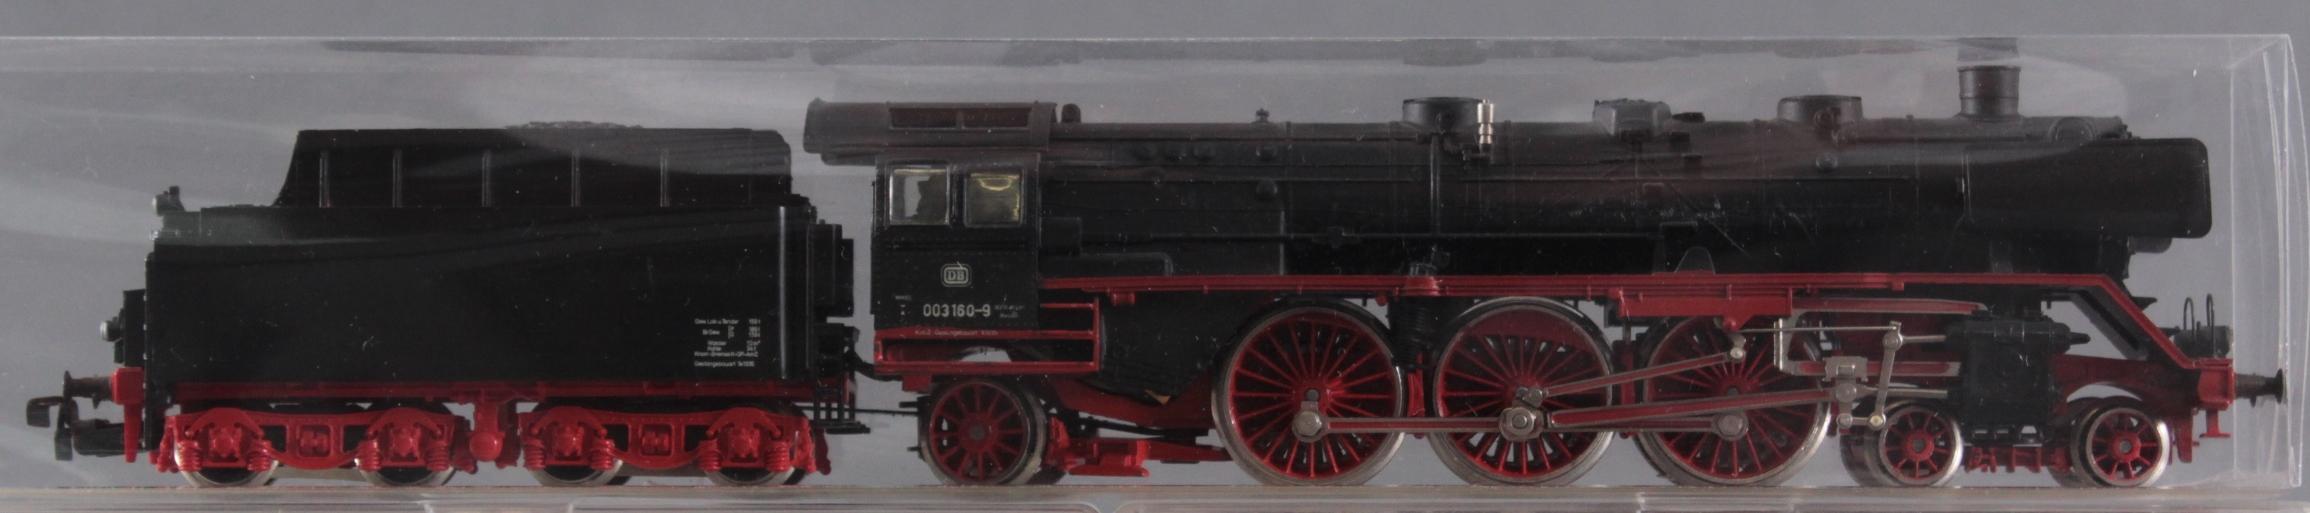 Märklin H0 Dampflok 003 160-9 mit 6 Fleischmann Güterwaggons-2